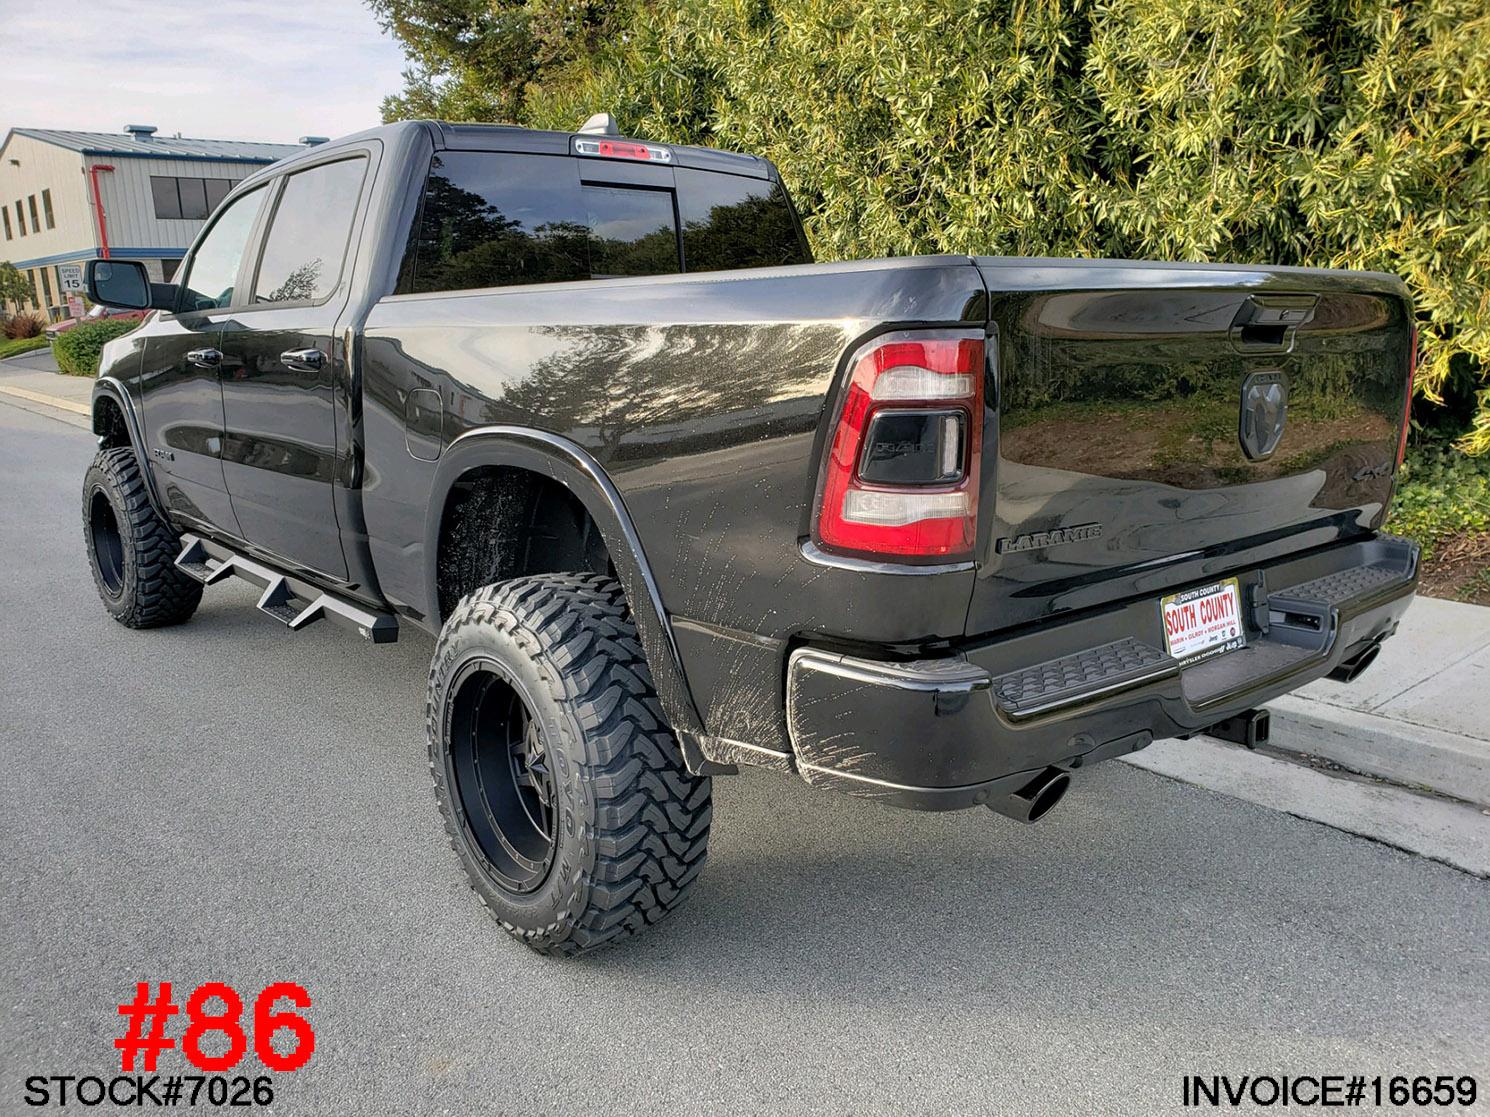 2019 RAM 1500 CREW CAB #7026